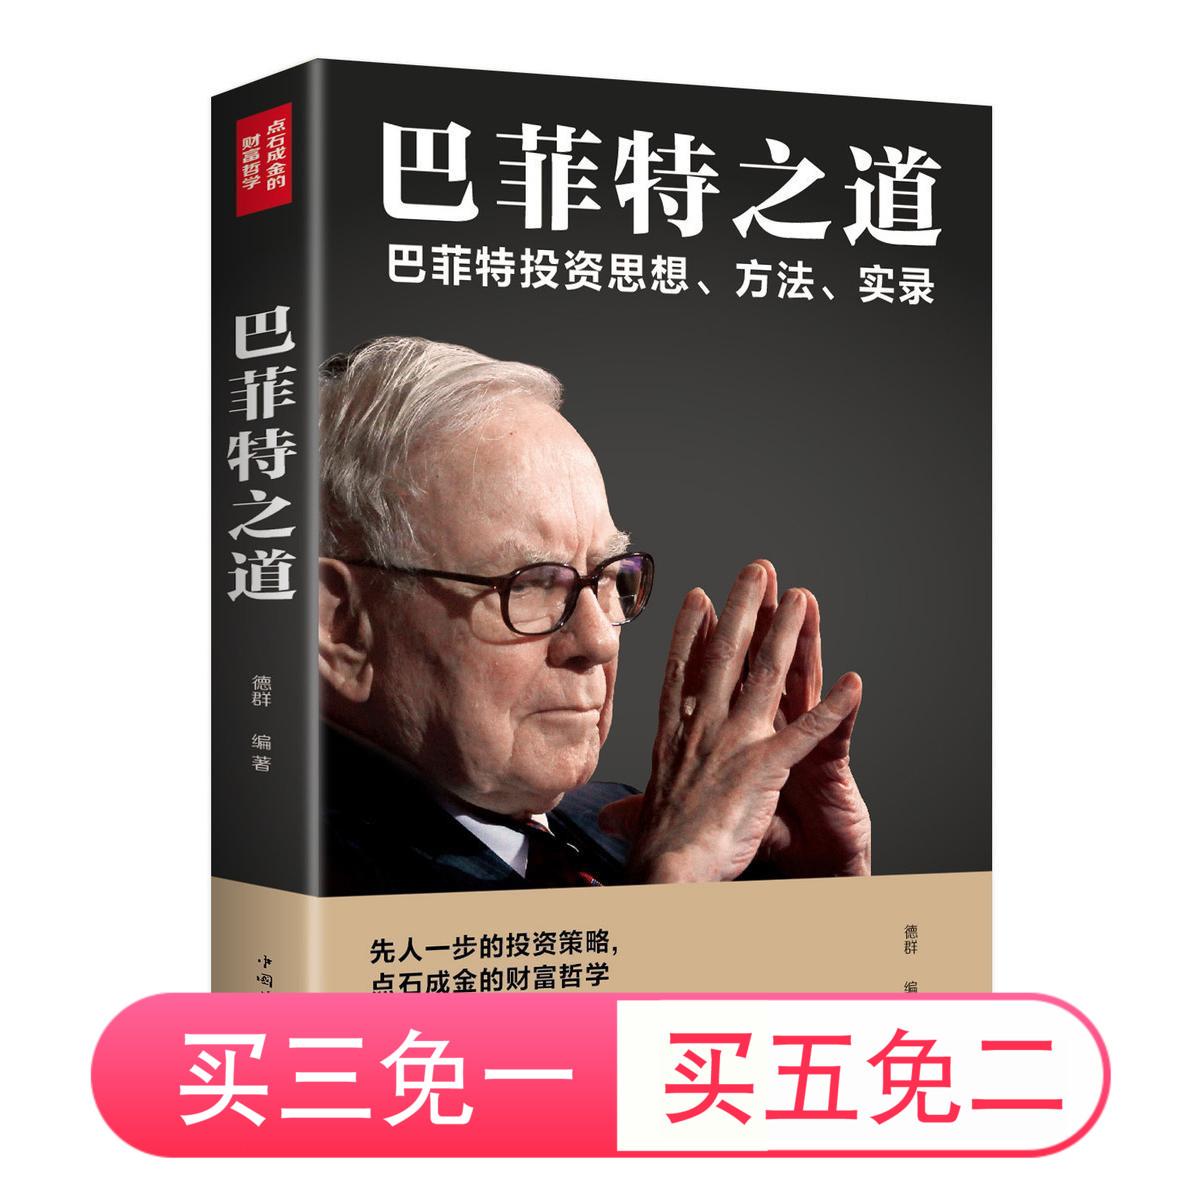 巴菲特之道巴菲特投资思想方法实录金融投资理财知识股票投资书籍